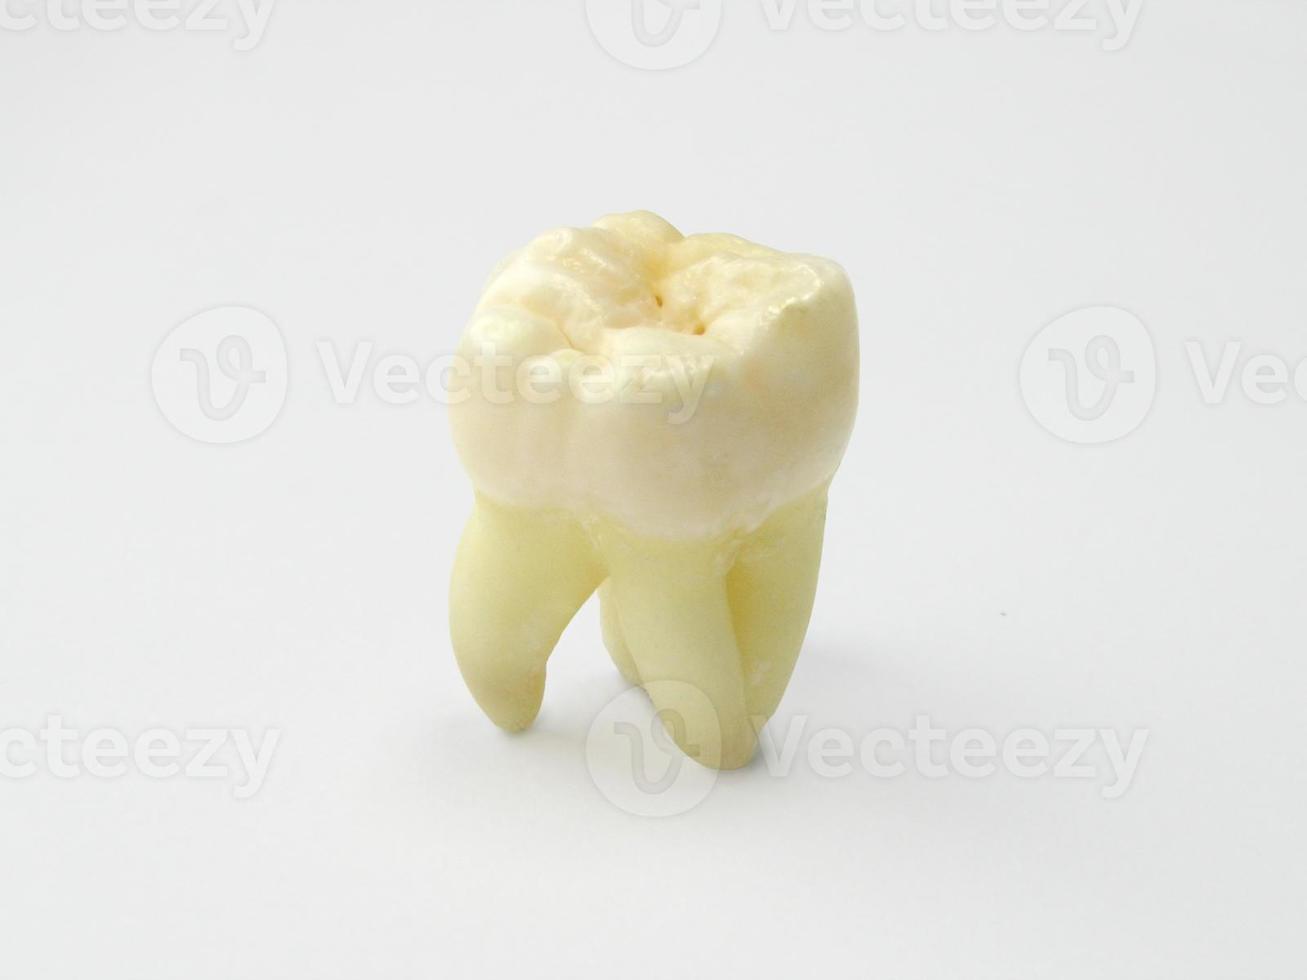 dente molar close-up foto